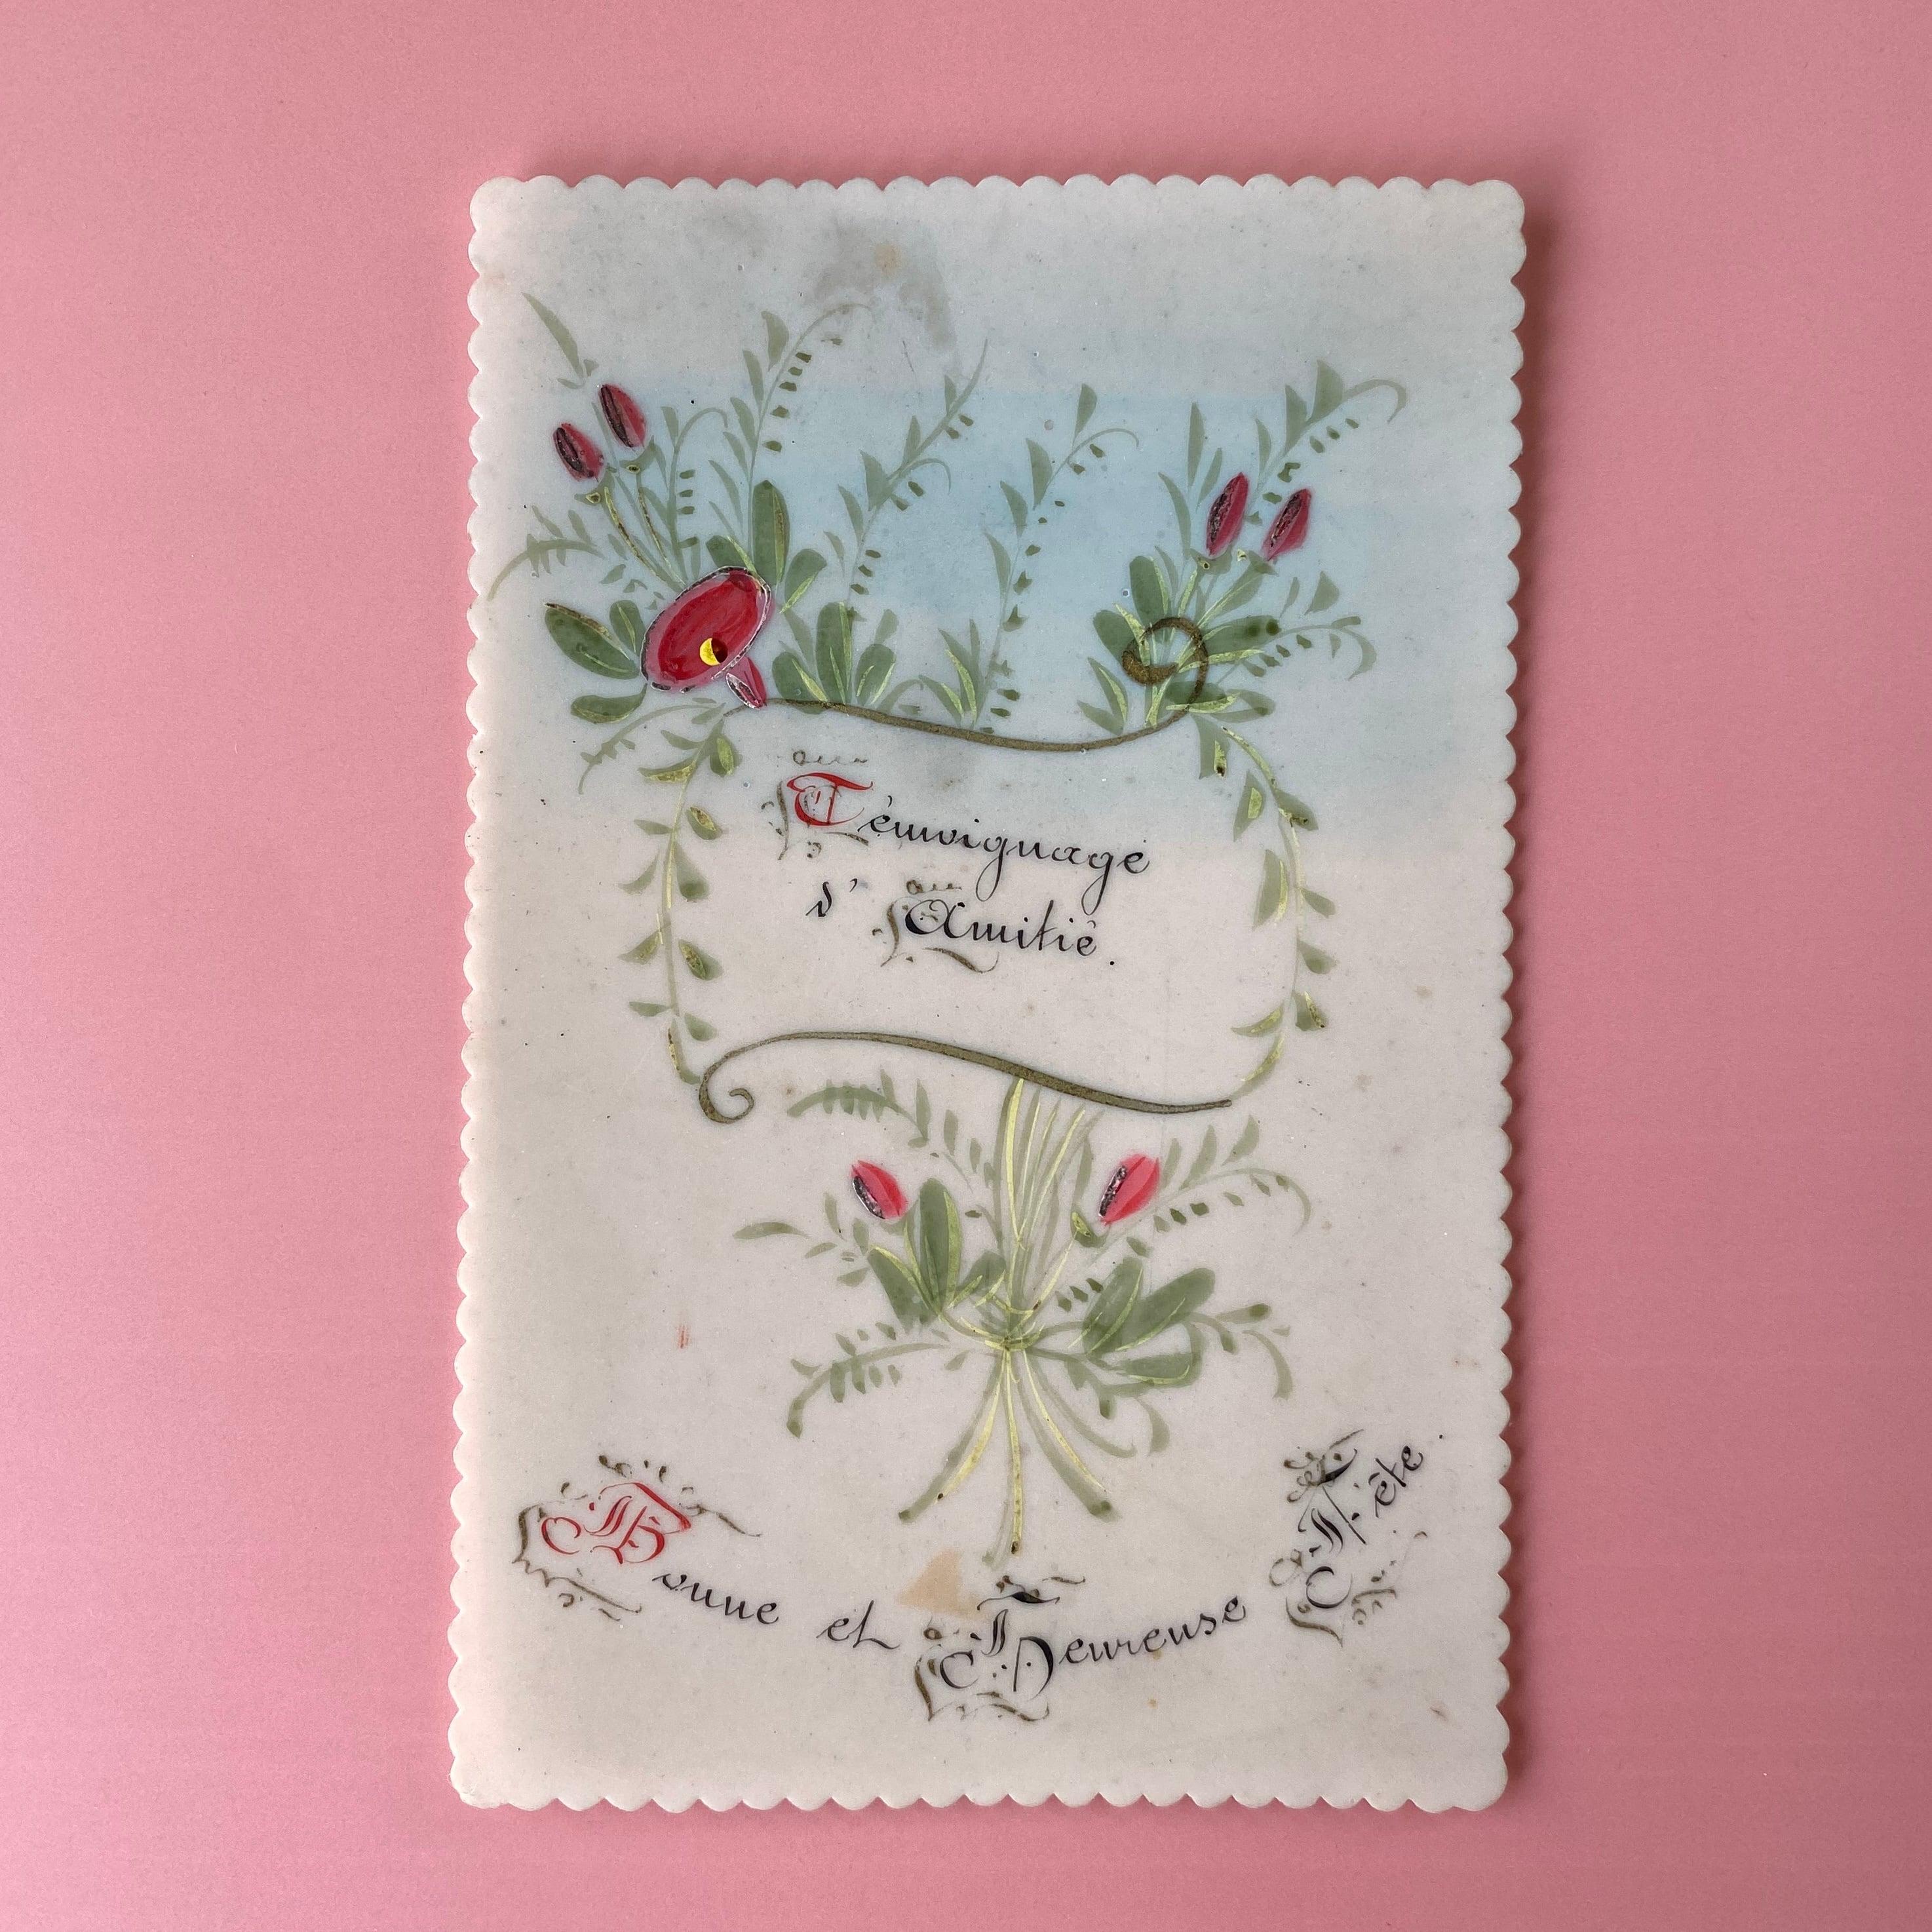 セルロイド・ホーリーカード CELLULOID HOLY CARD / vp0136